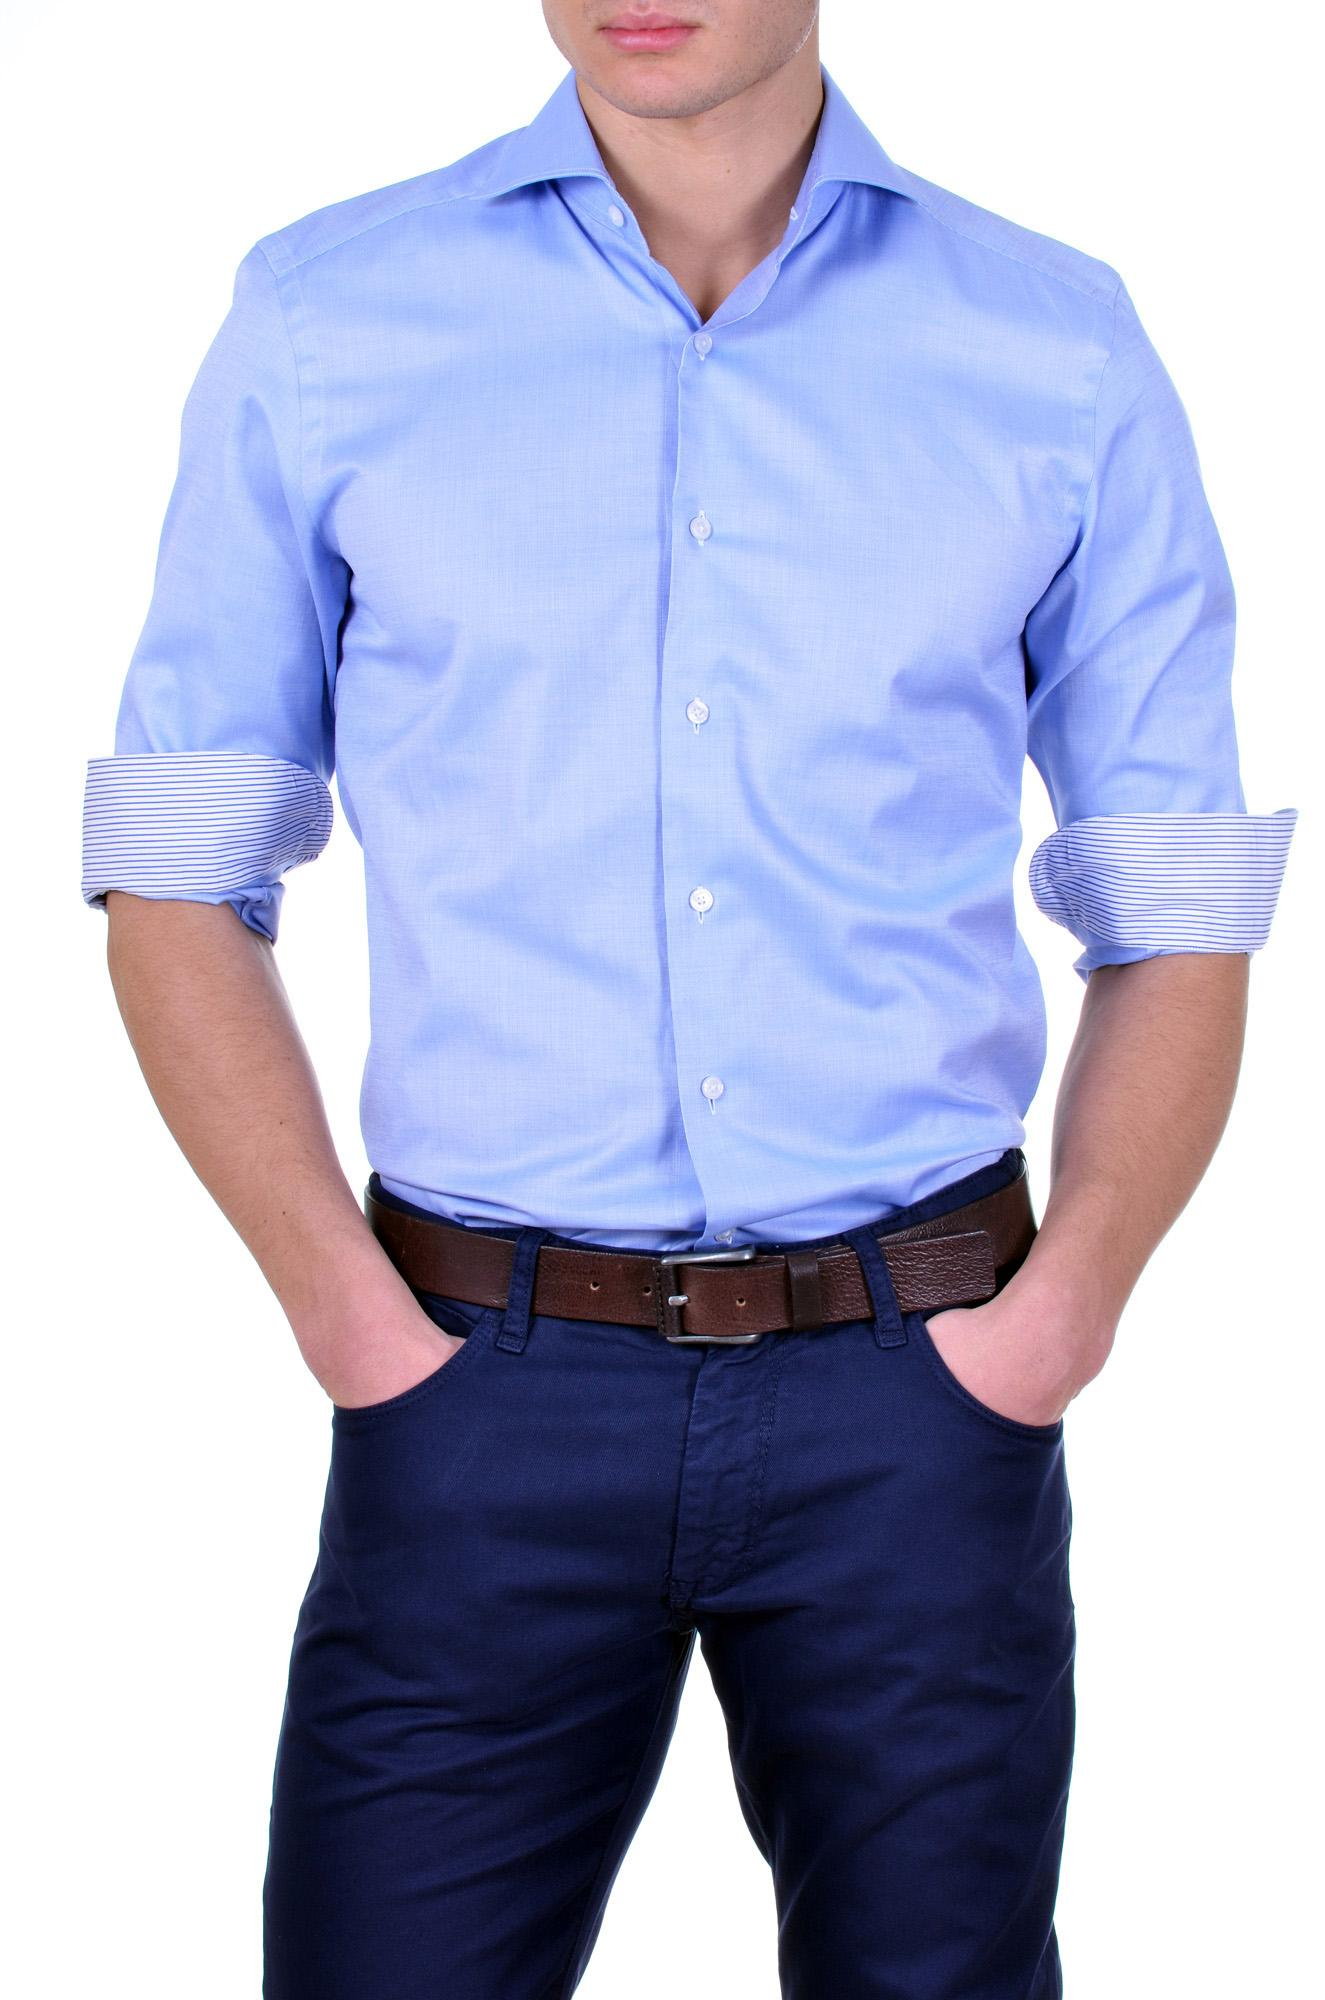 chemise bleu homme je vous explique comment la porter pour tre le plus beau. Black Bedroom Furniture Sets. Home Design Ideas